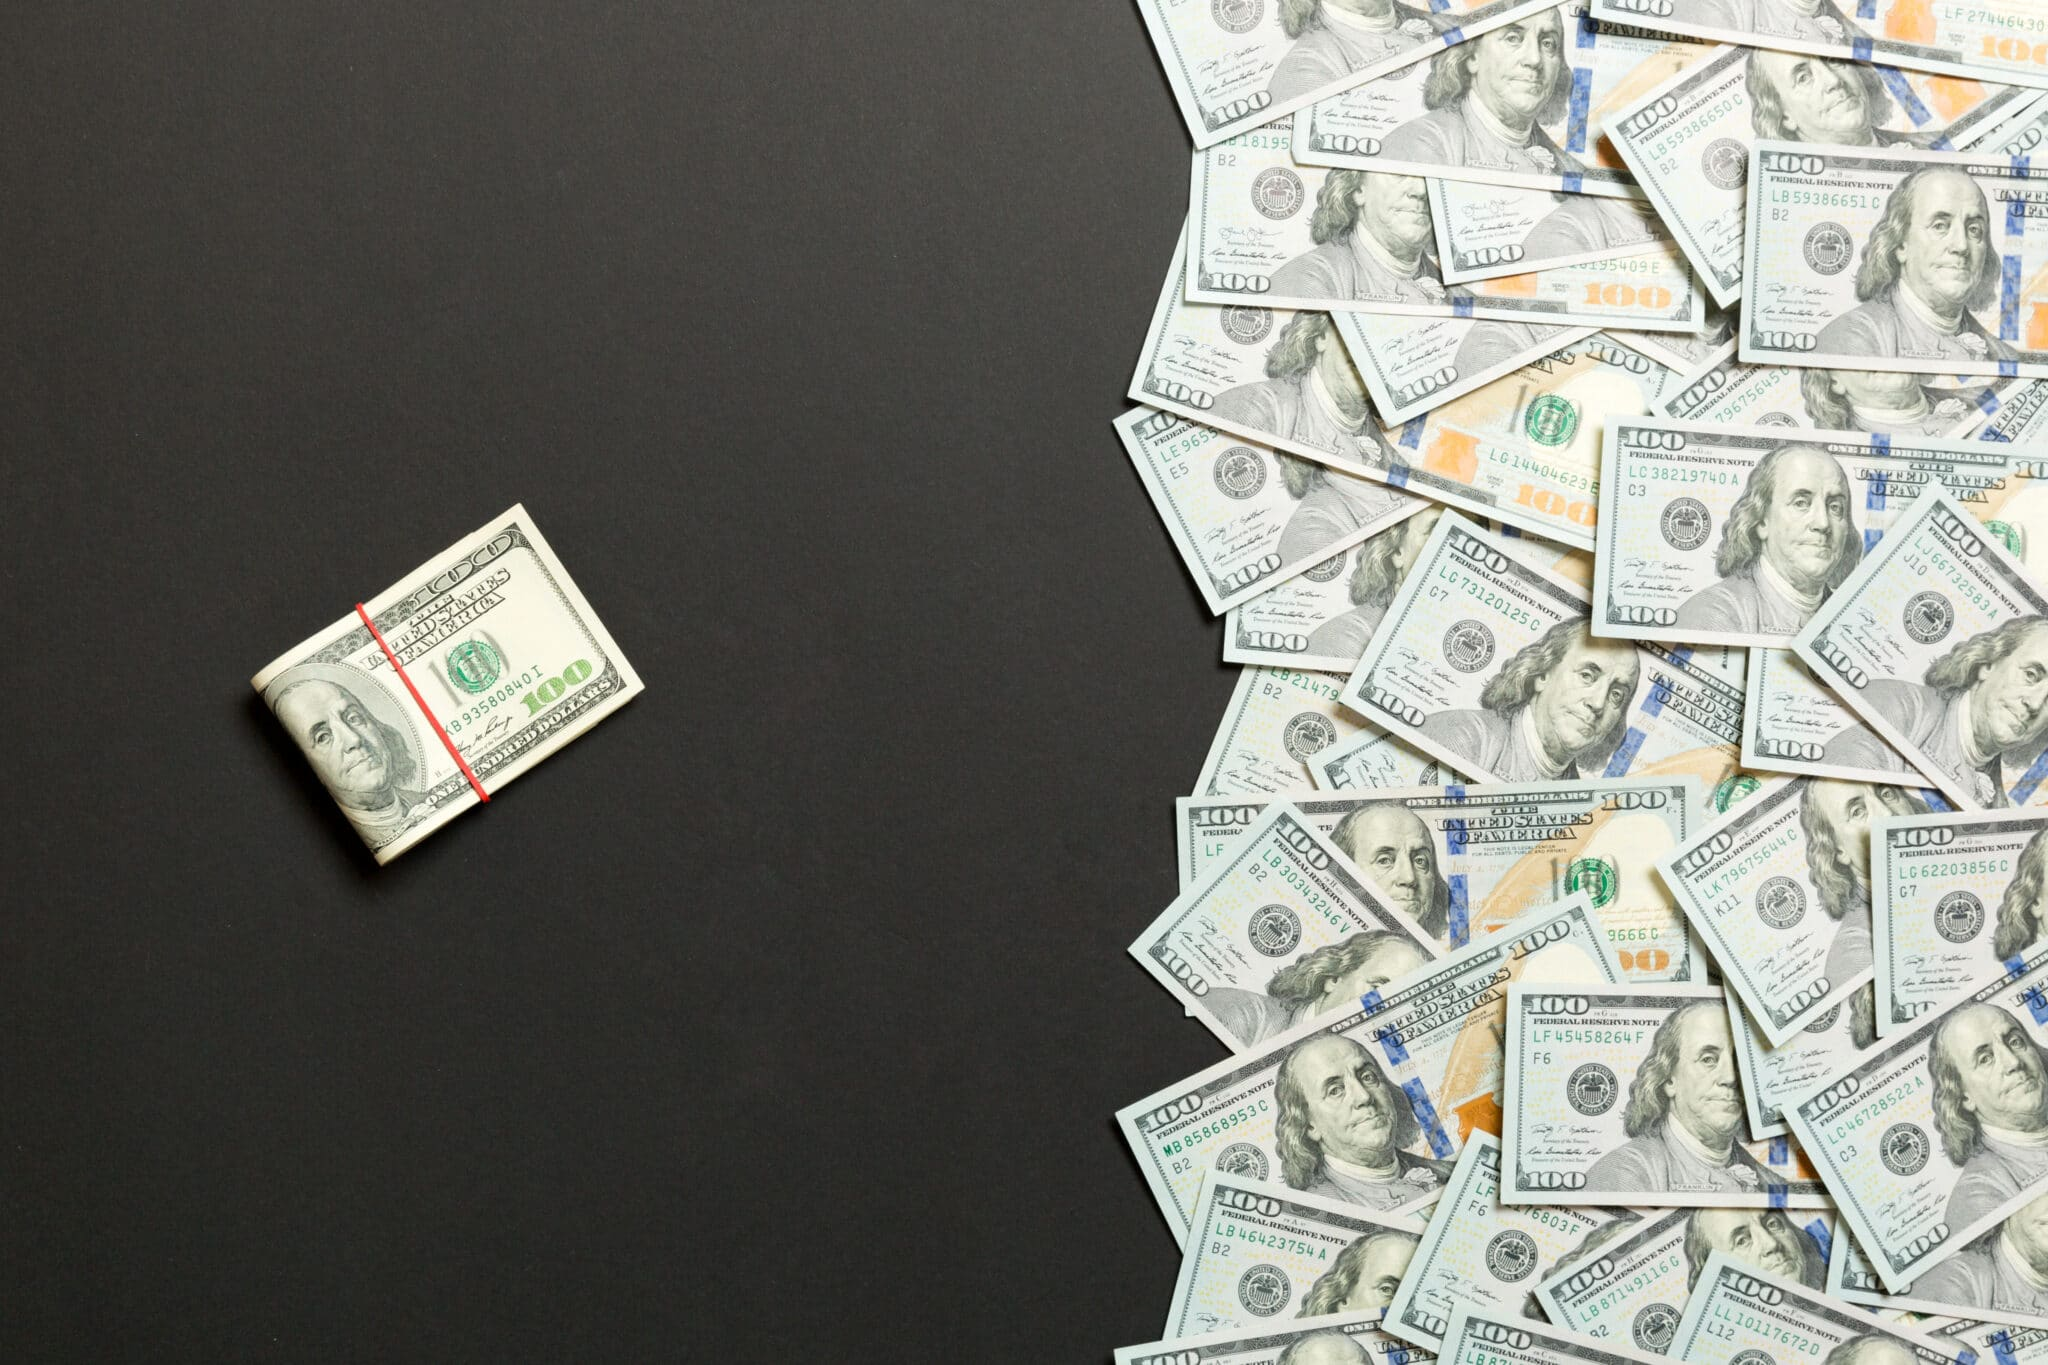 câștiguri alternative pe internet răspândirea tranzacțiilor de știri